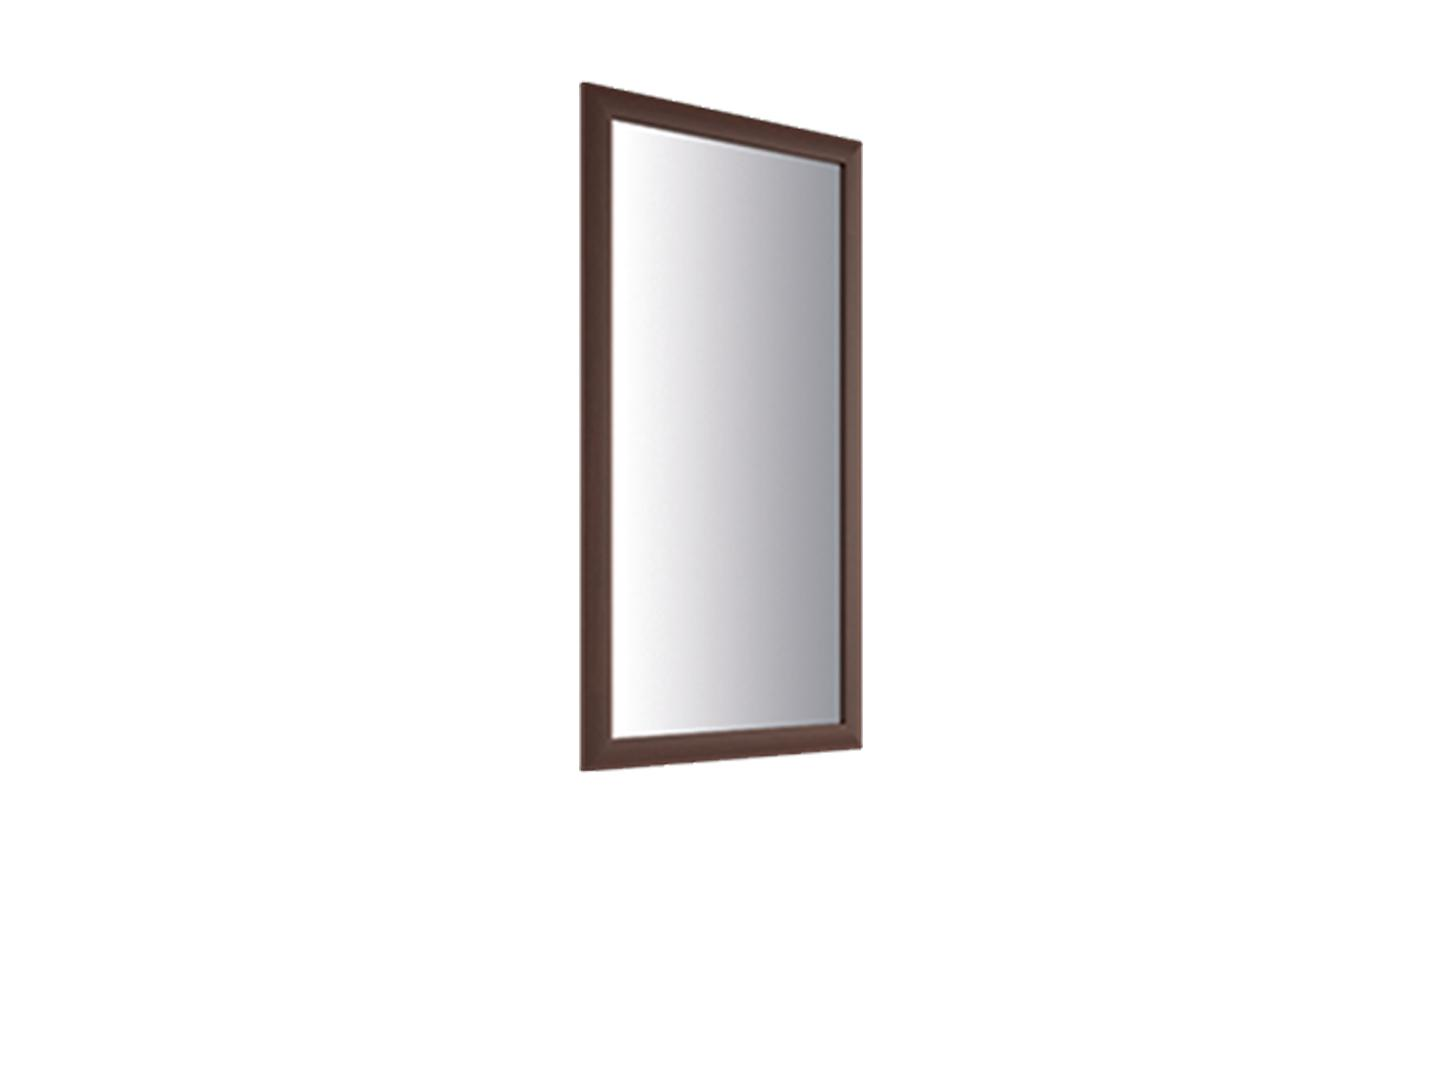 Зеркало BRW Koen LUS 58